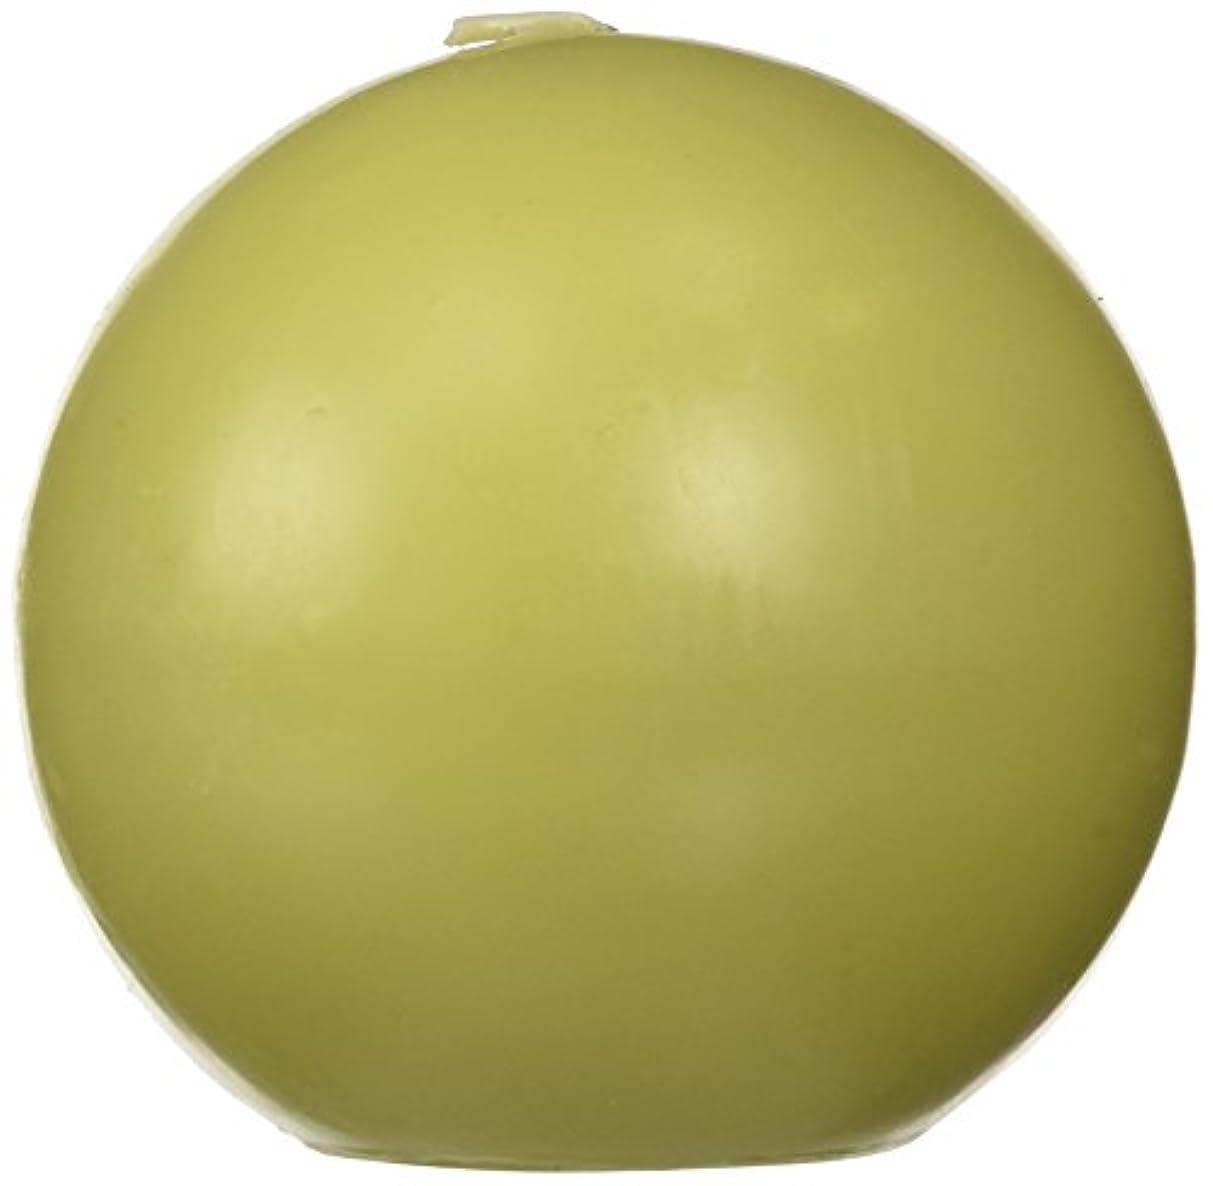 いちゃつくそうでなければ句読点Zest Candle CBZ-032 4 in. Sage Green Ball Candles -2pc-Box